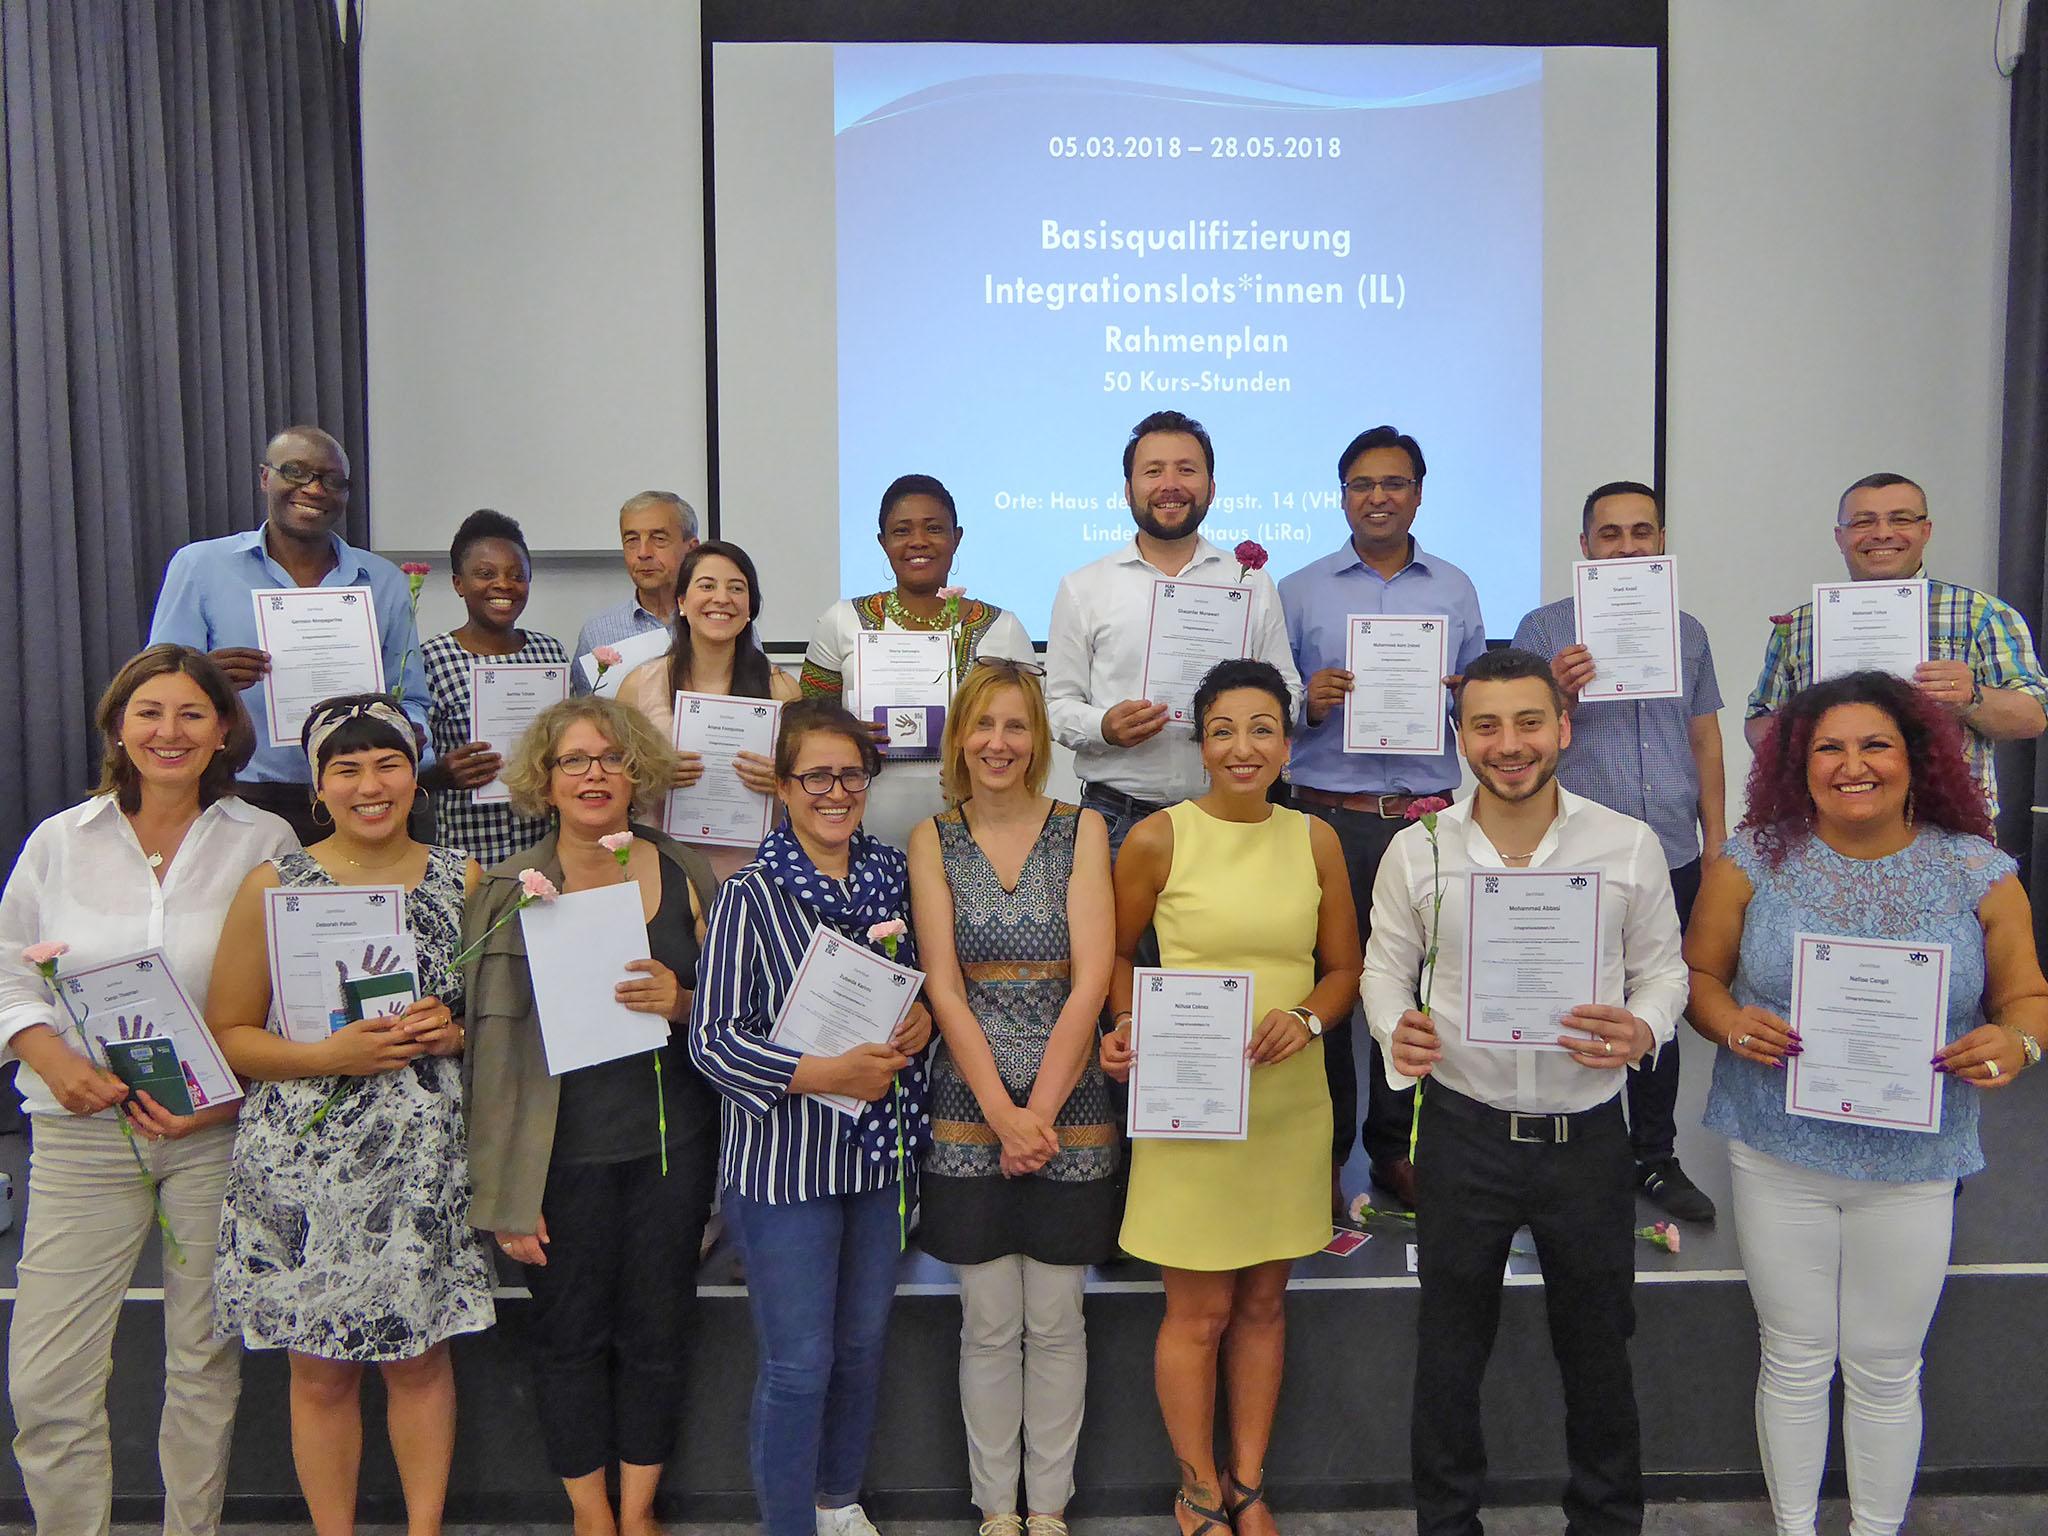 Gruppenbild mit Frauen und Männern unterschiedlichen Alters, die jeweils ein Zertifikat in Händen halten.